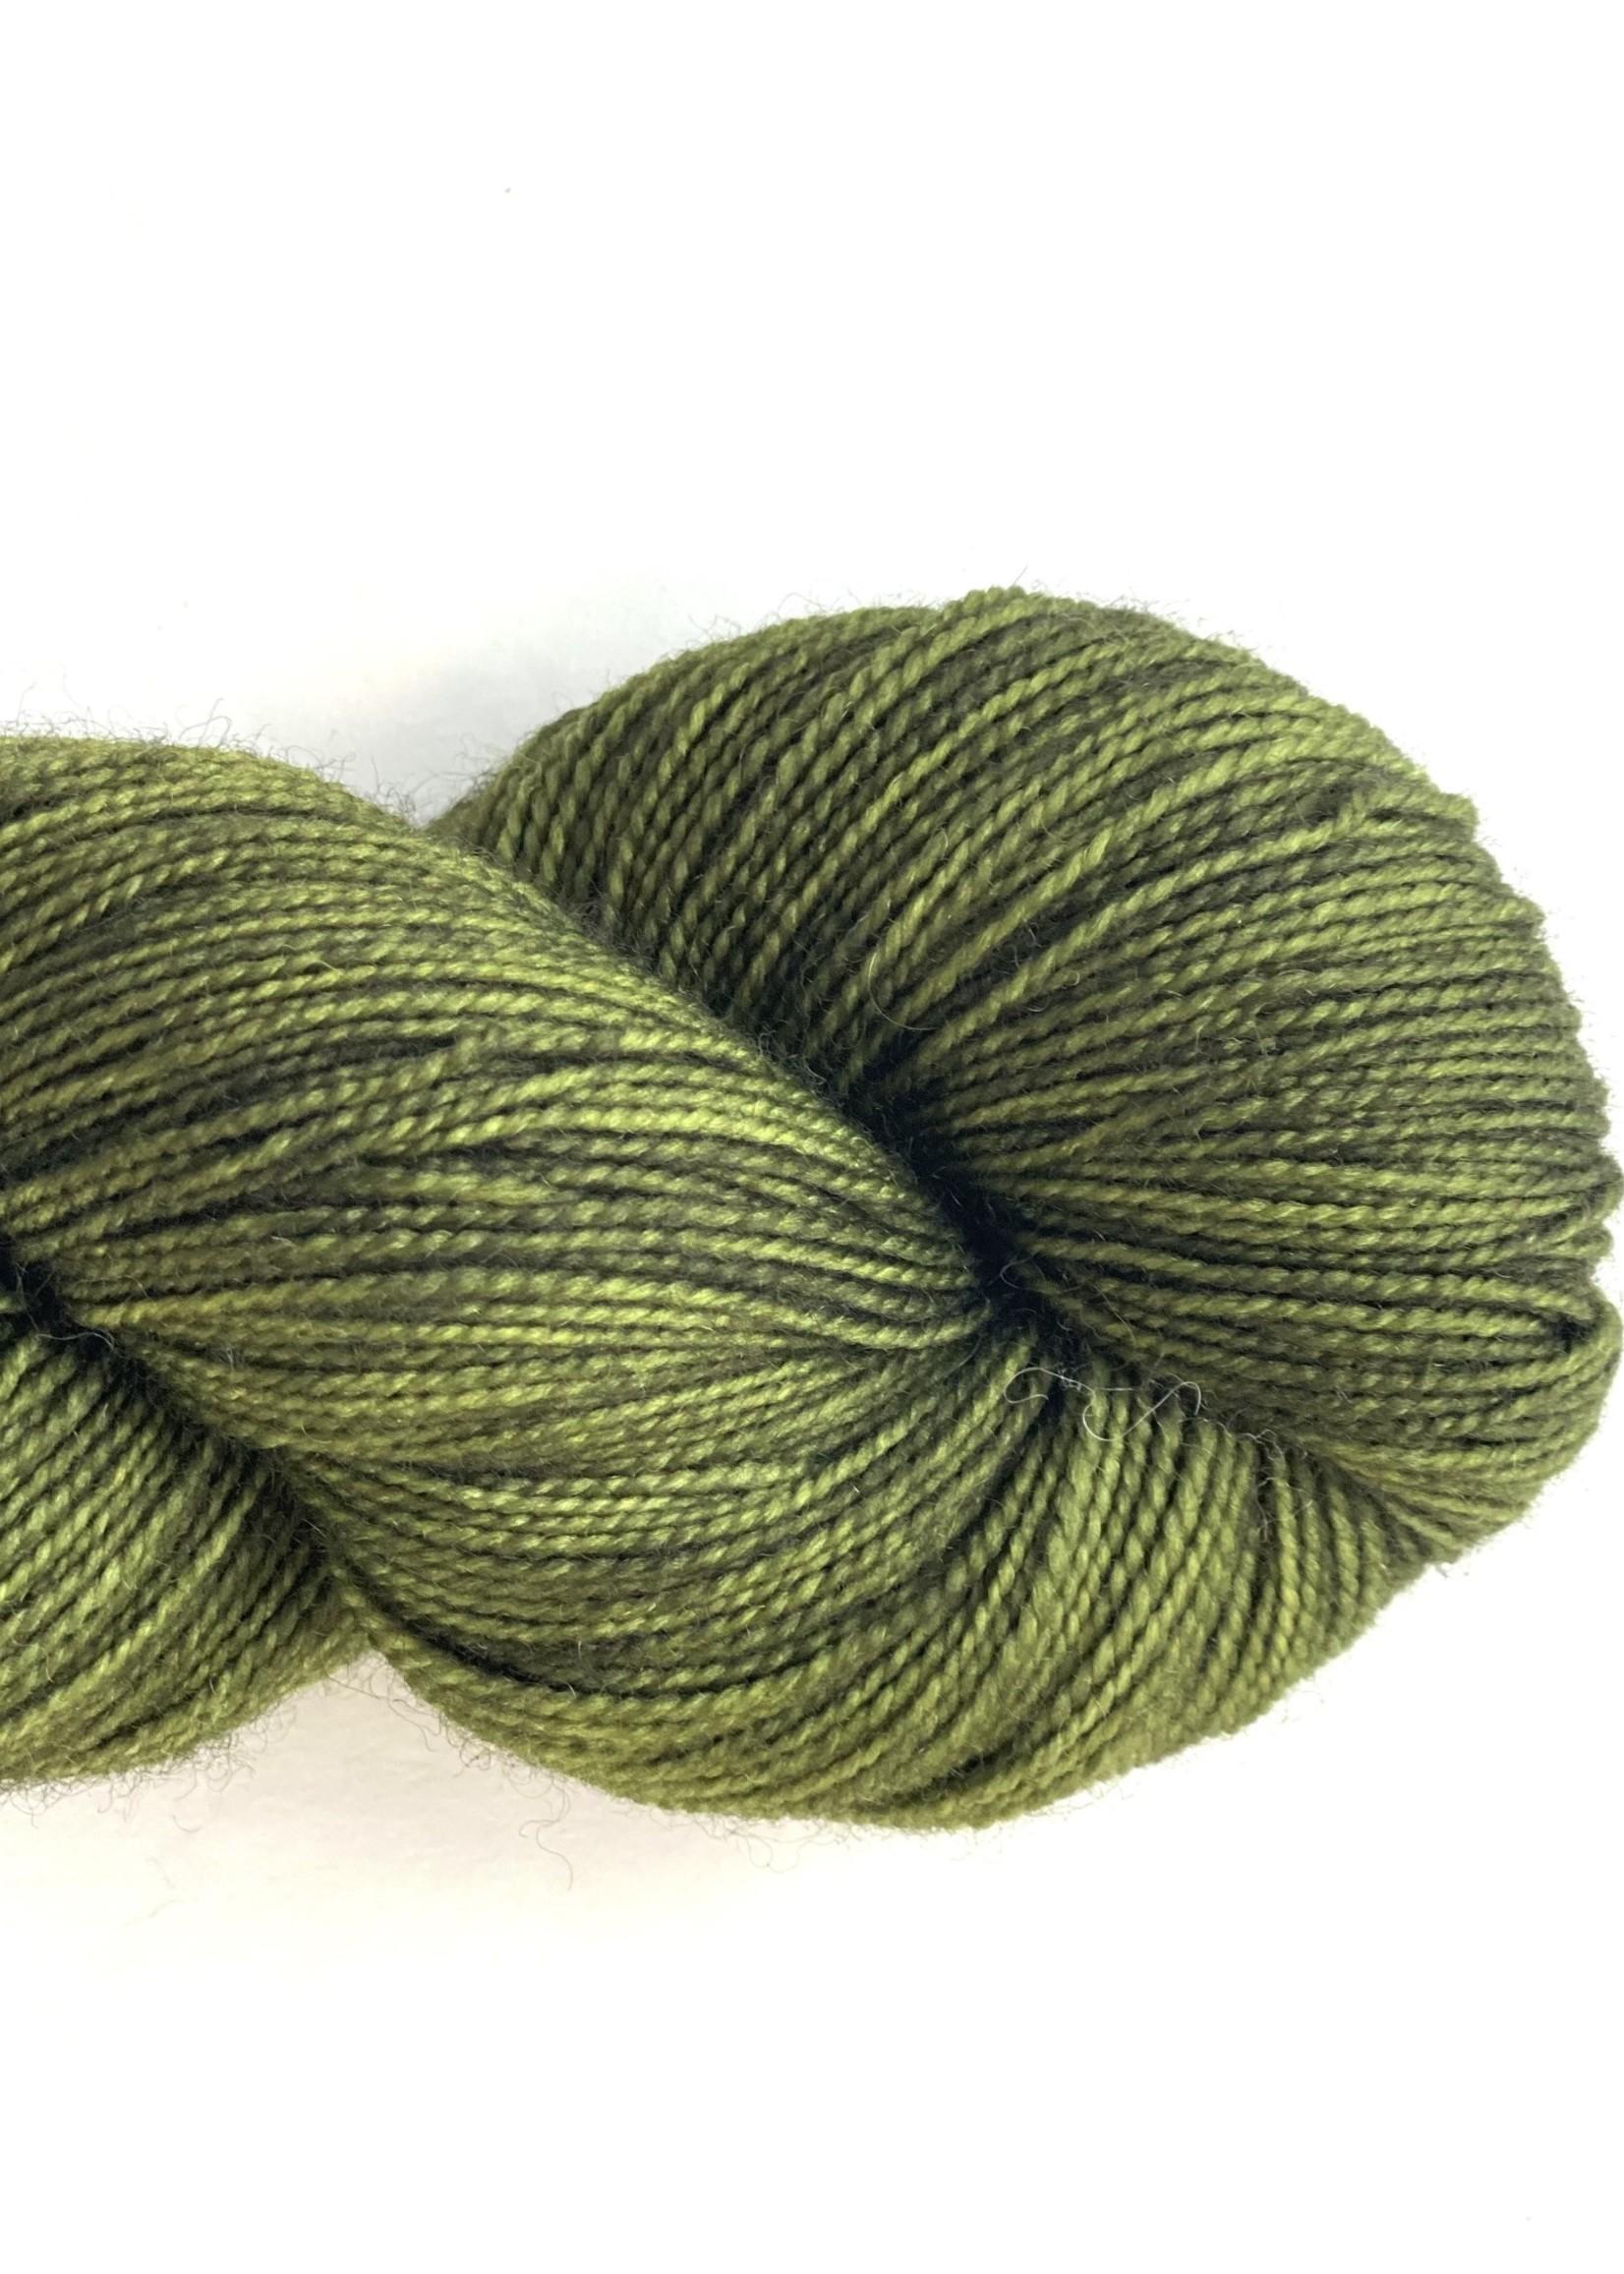 Fidley Dyeworks Fidley Dyeworks BFL Sock - Oliver